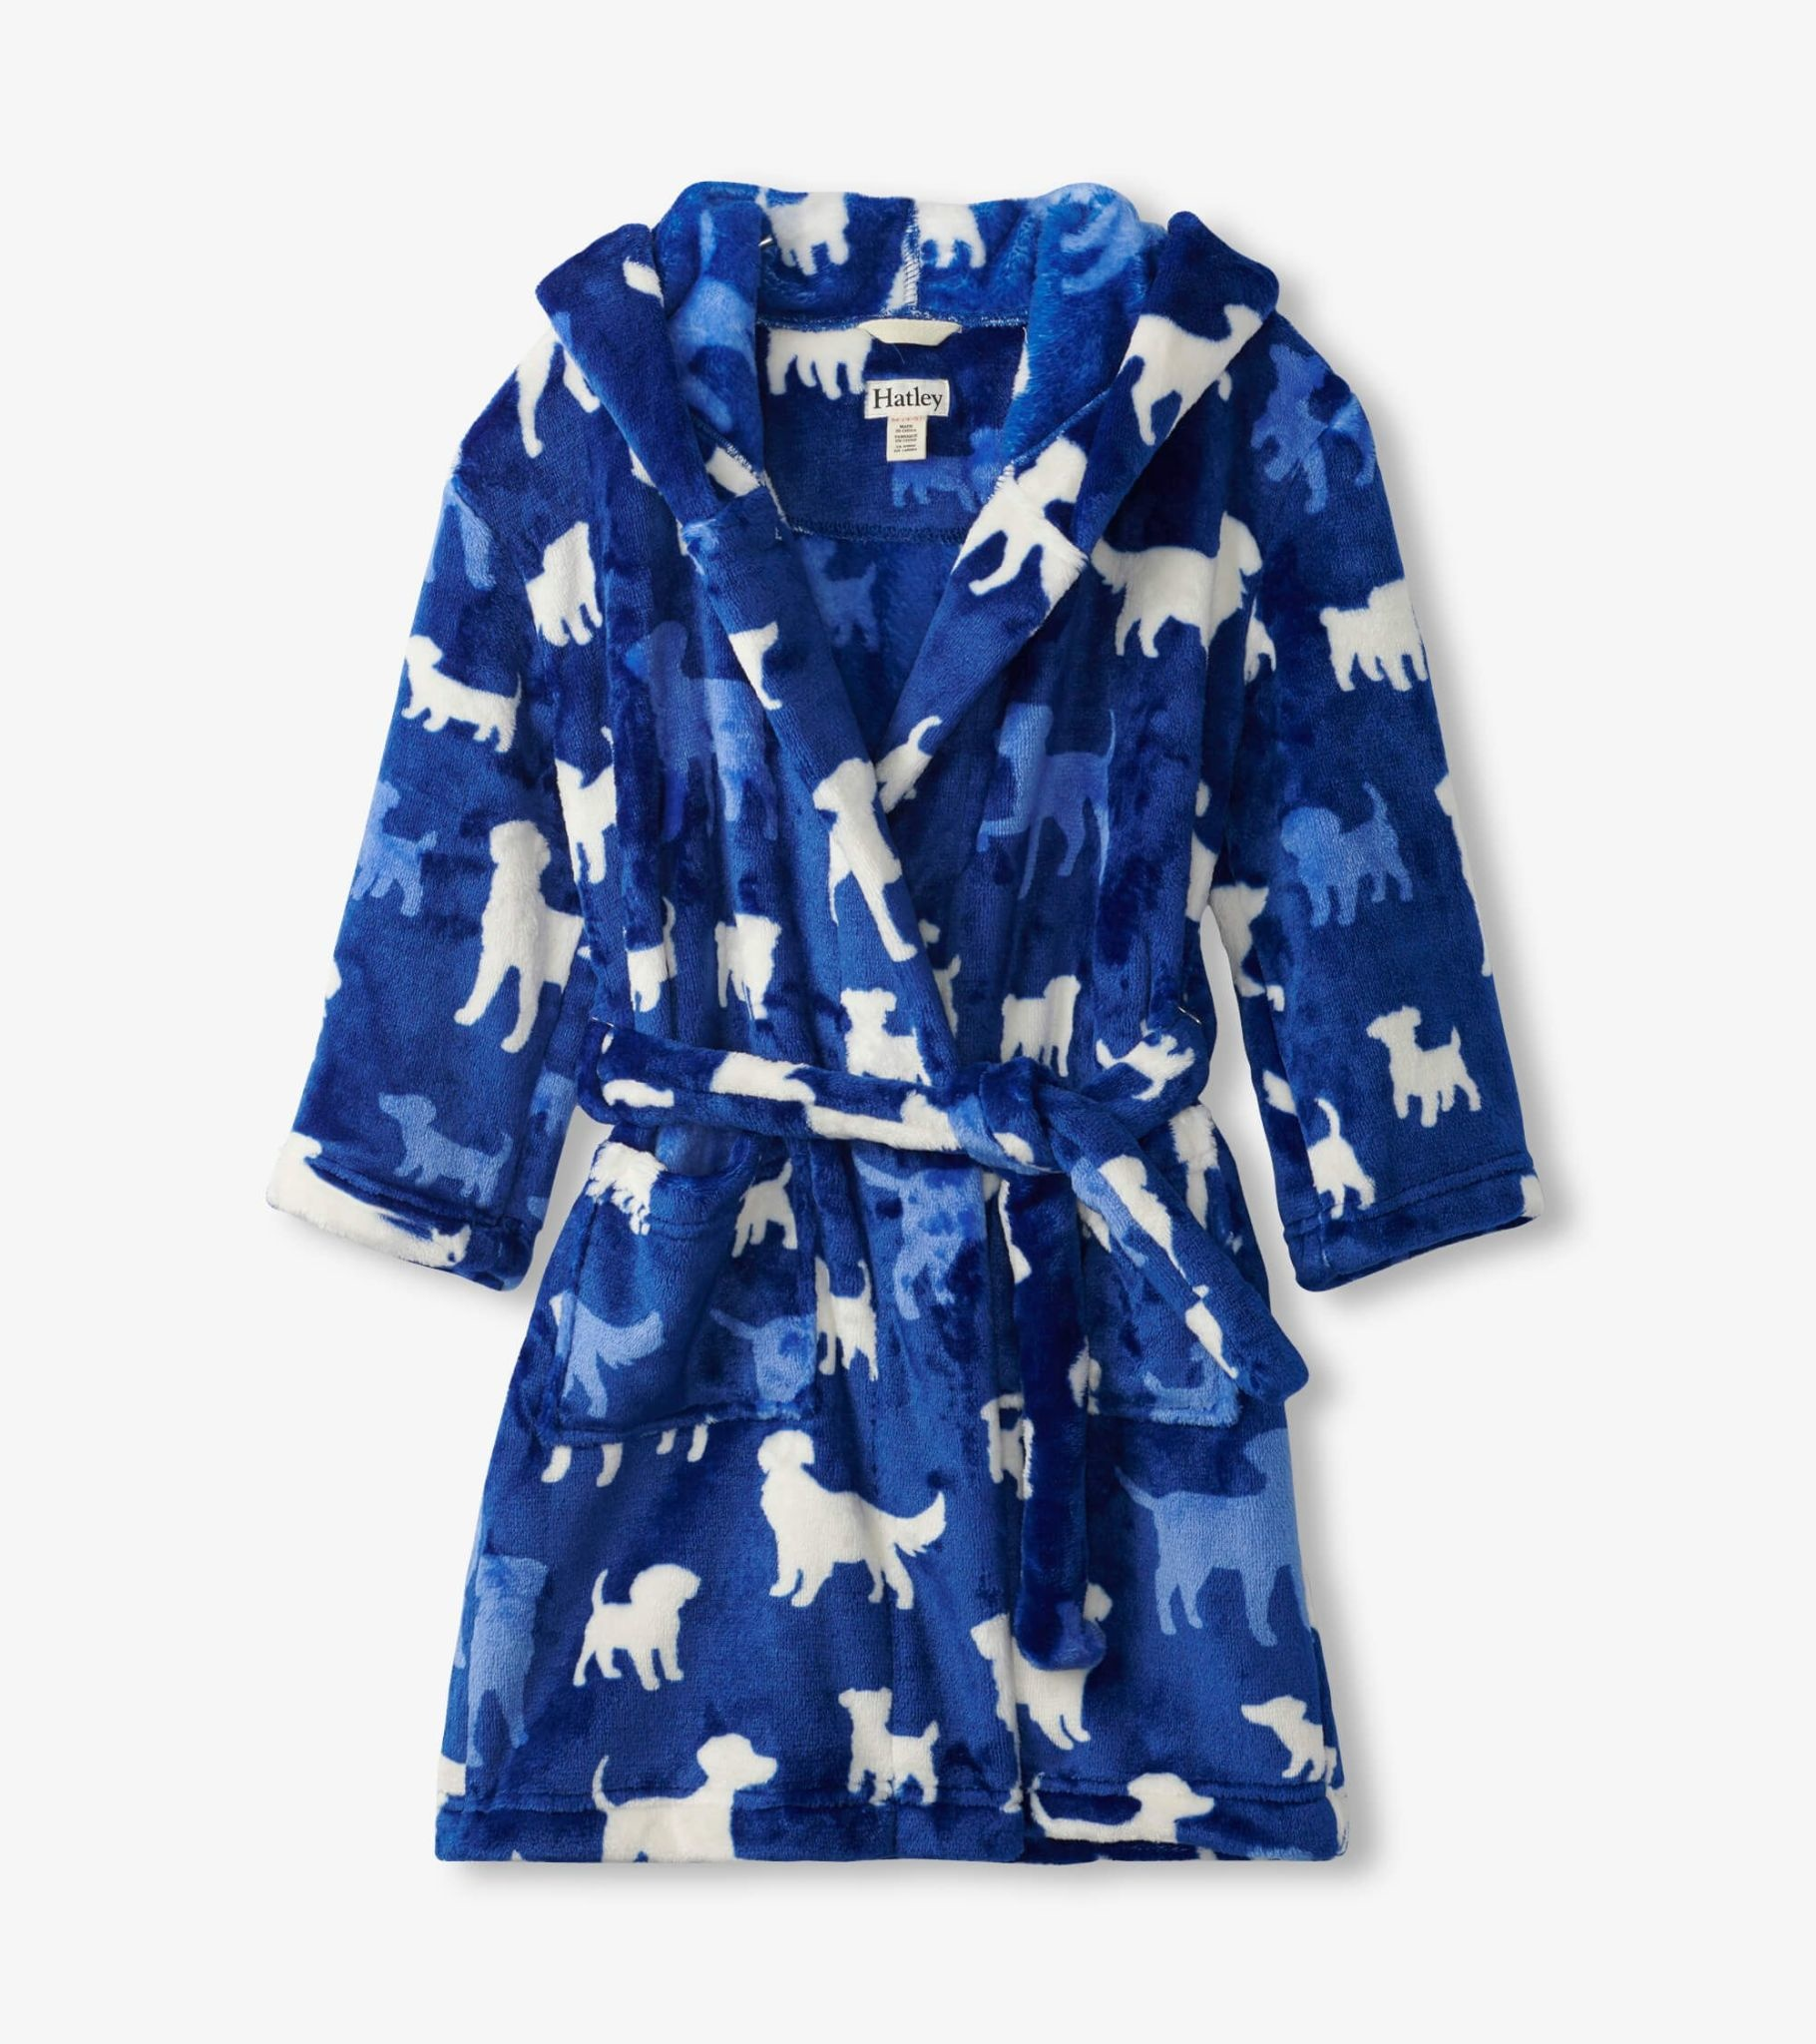 Hatley Hatley Pups Fleece Robe